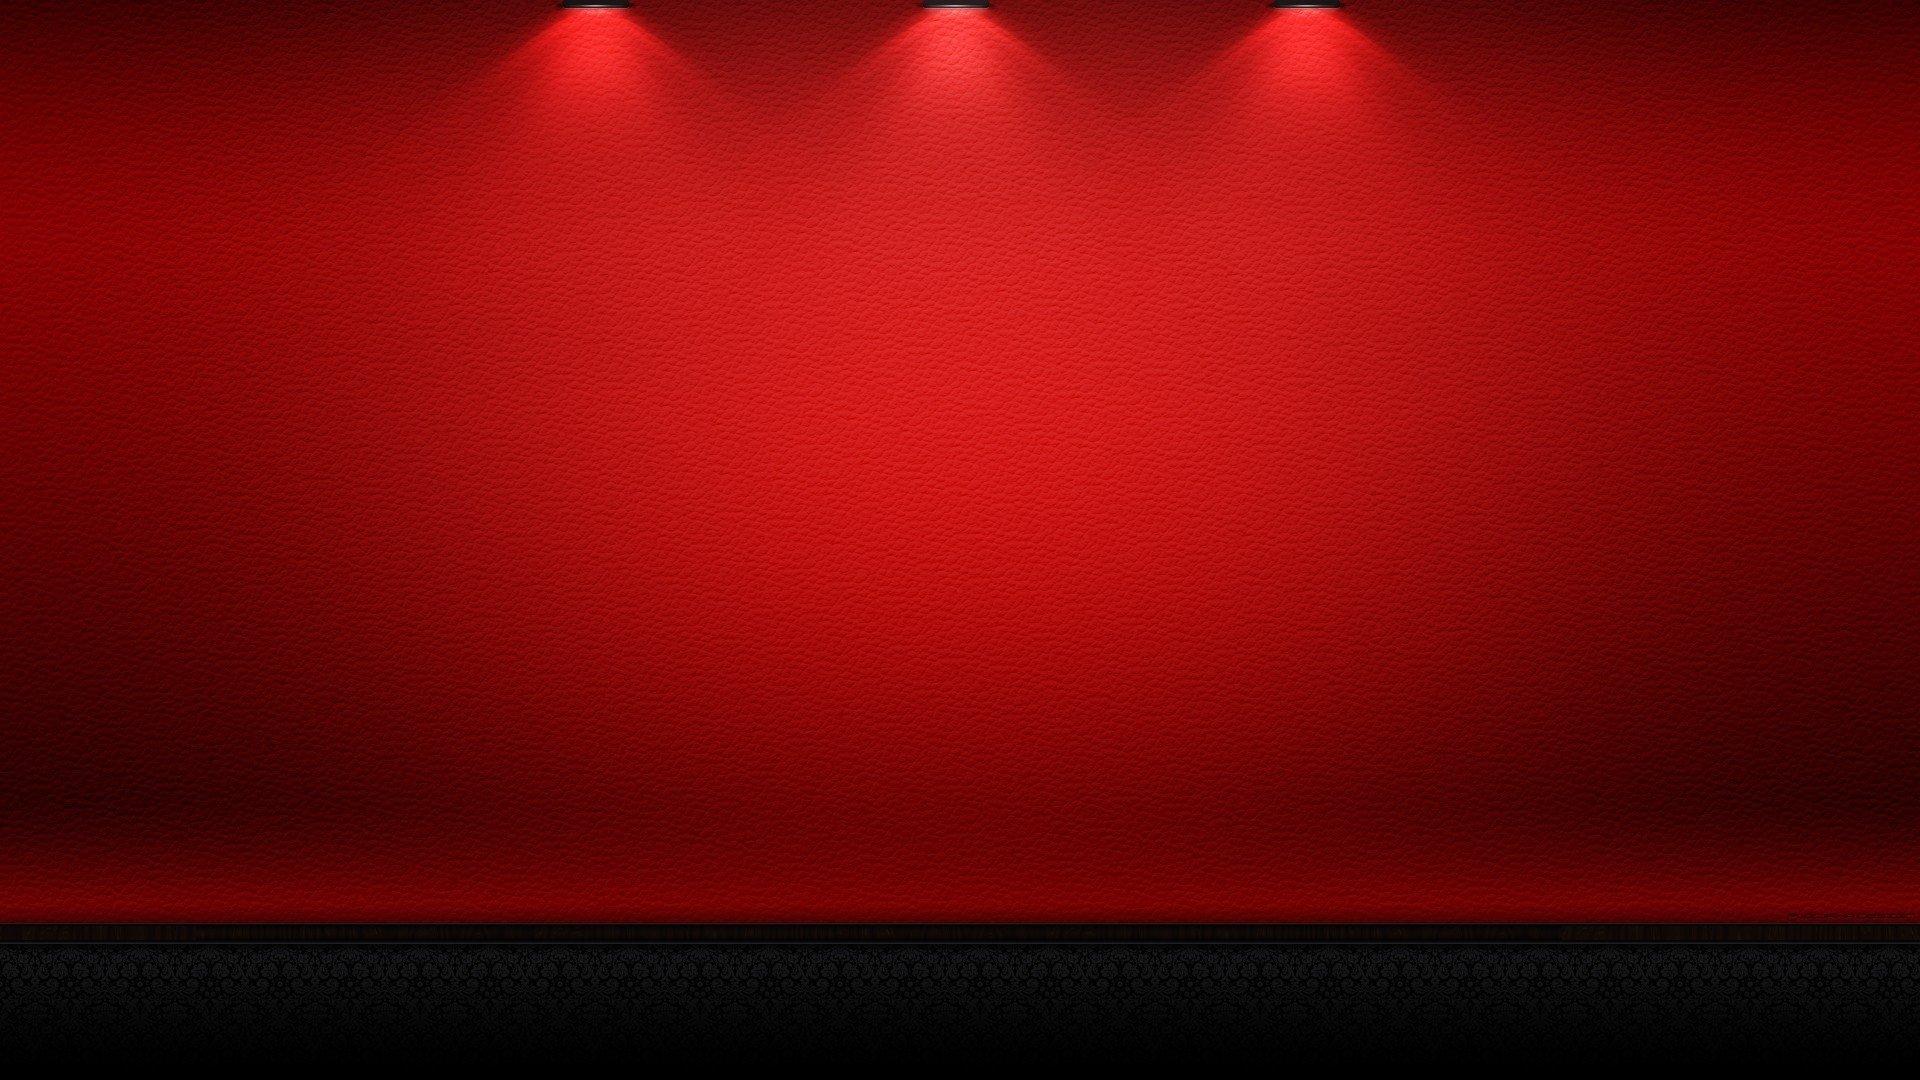 Rosso Hd Wallpaper Sfondi 1920x1080 Id172065 Wallpaper Abyss